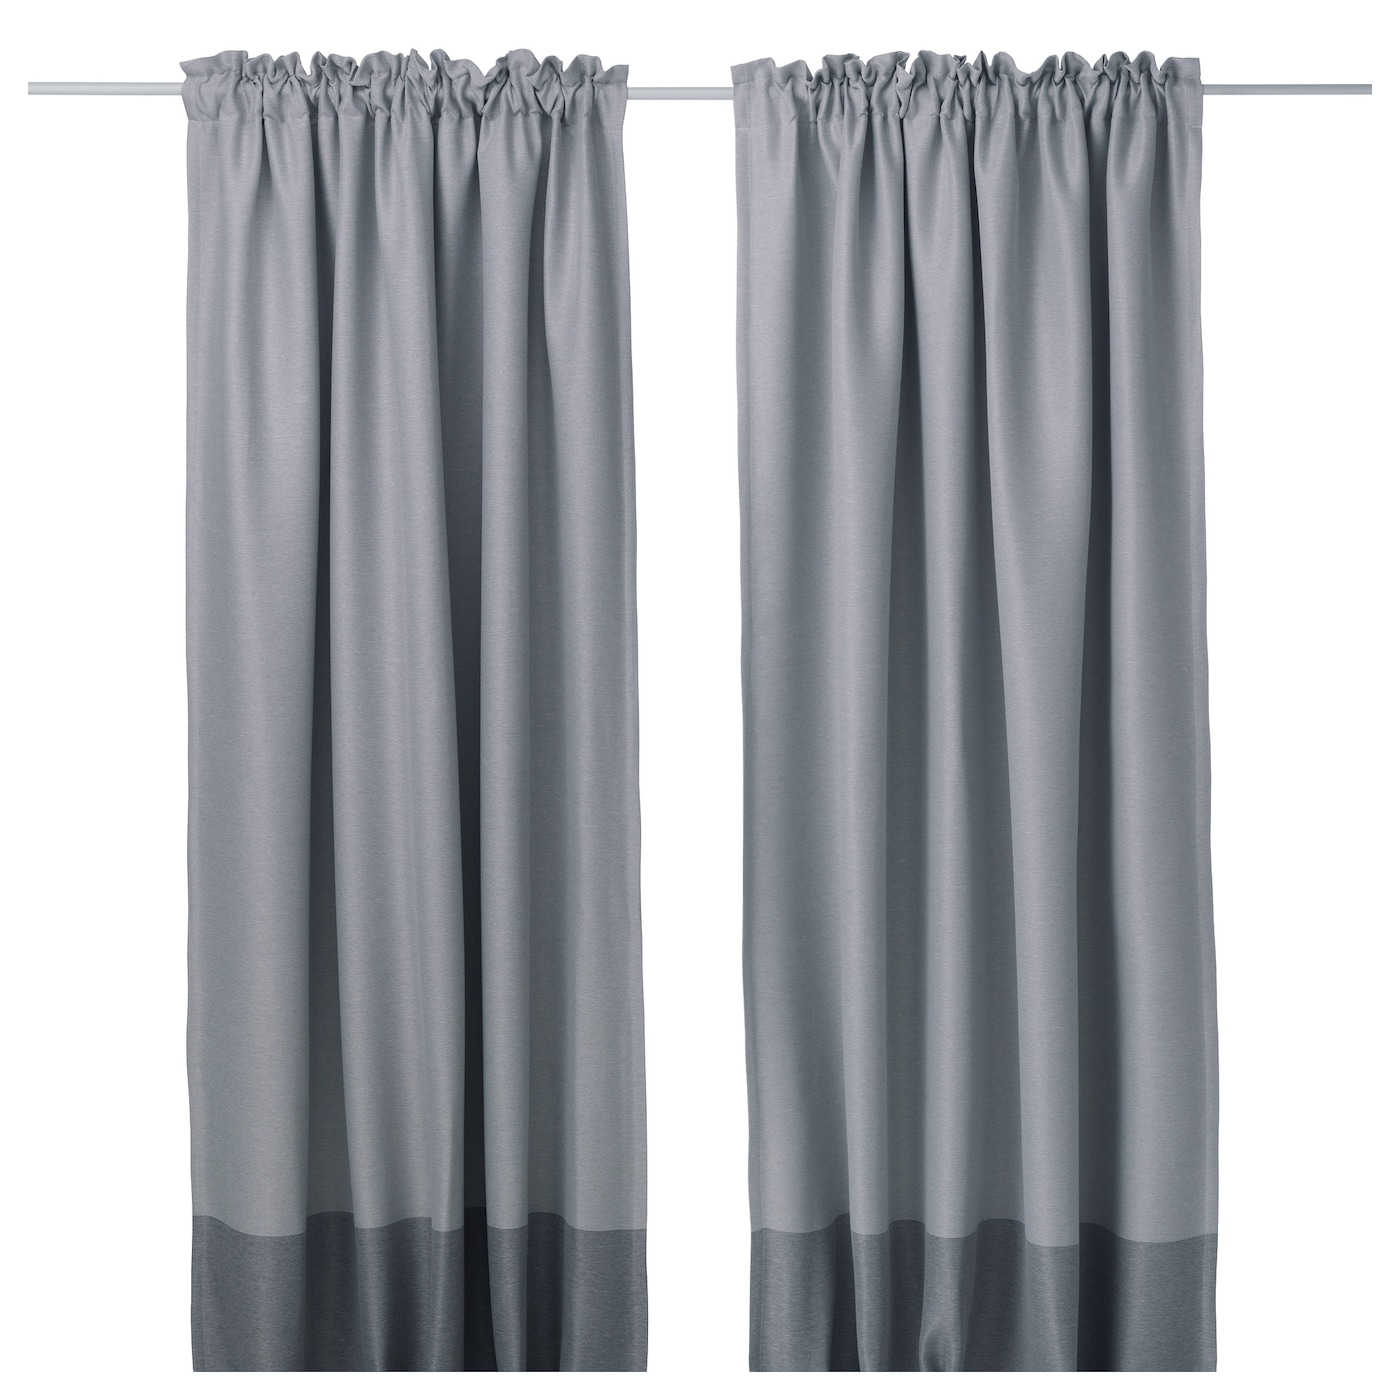 Cortinas, Pares de Cortinas y Cortinas de Colores | Compra Online IKEA